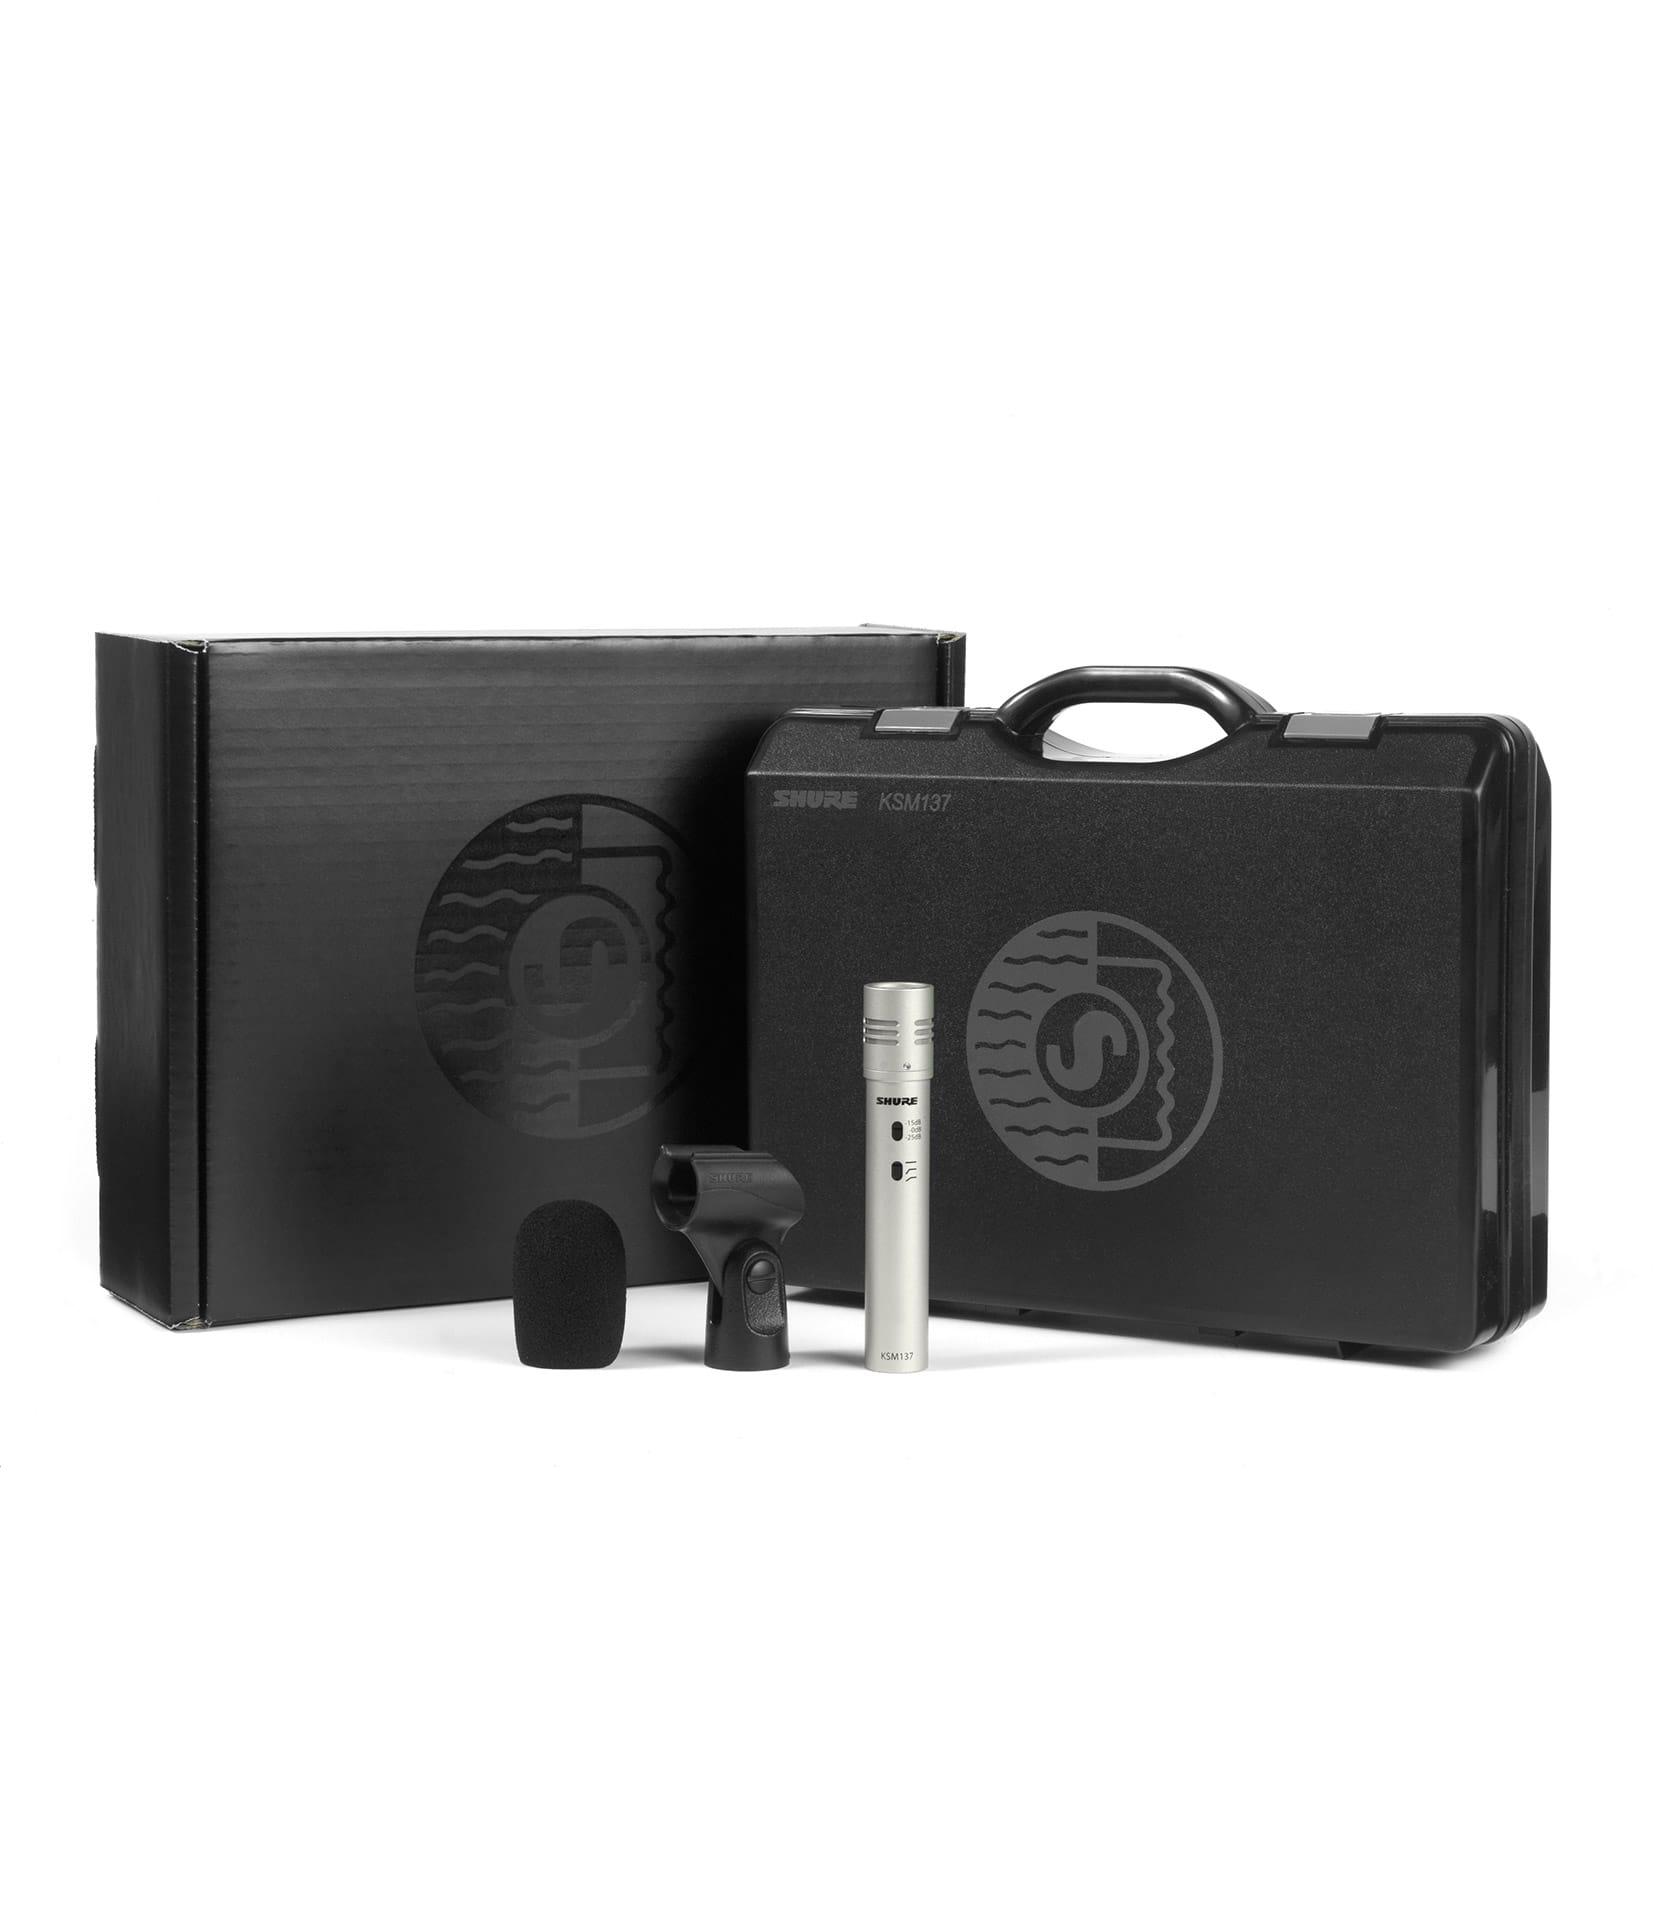 KSM137 SL - Buy Online